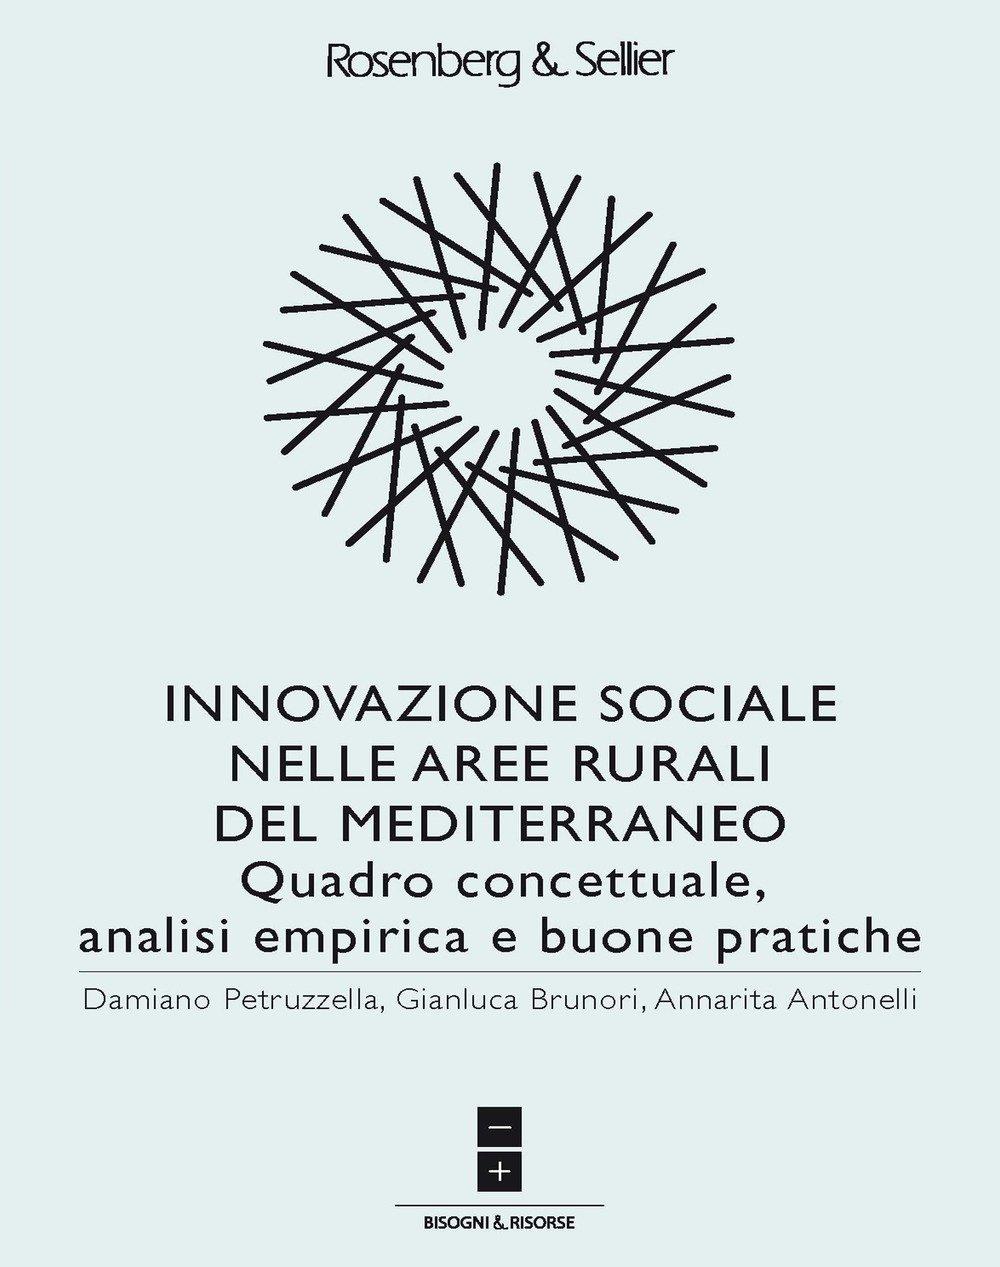 Innovazione sociale nelle aree rurali del Mediterraneo. Quadro concettuale, analisi empirica e buone pratiche